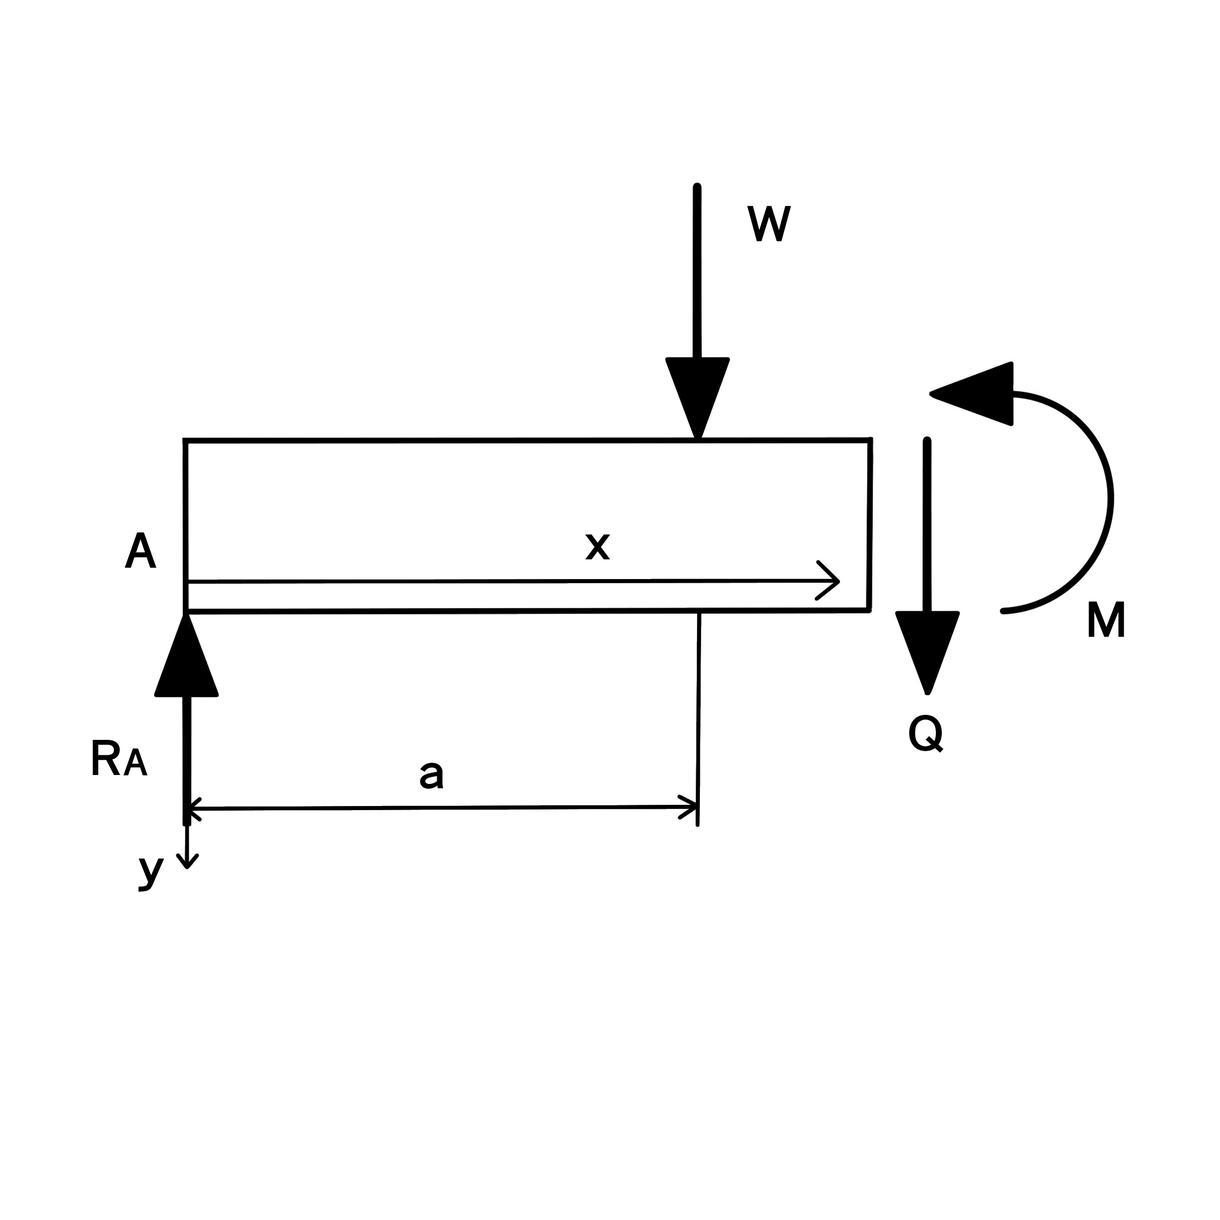 どんな図でも作成いたします レポートで使う実験装置の概略図、回路図、数学の問題用などなど